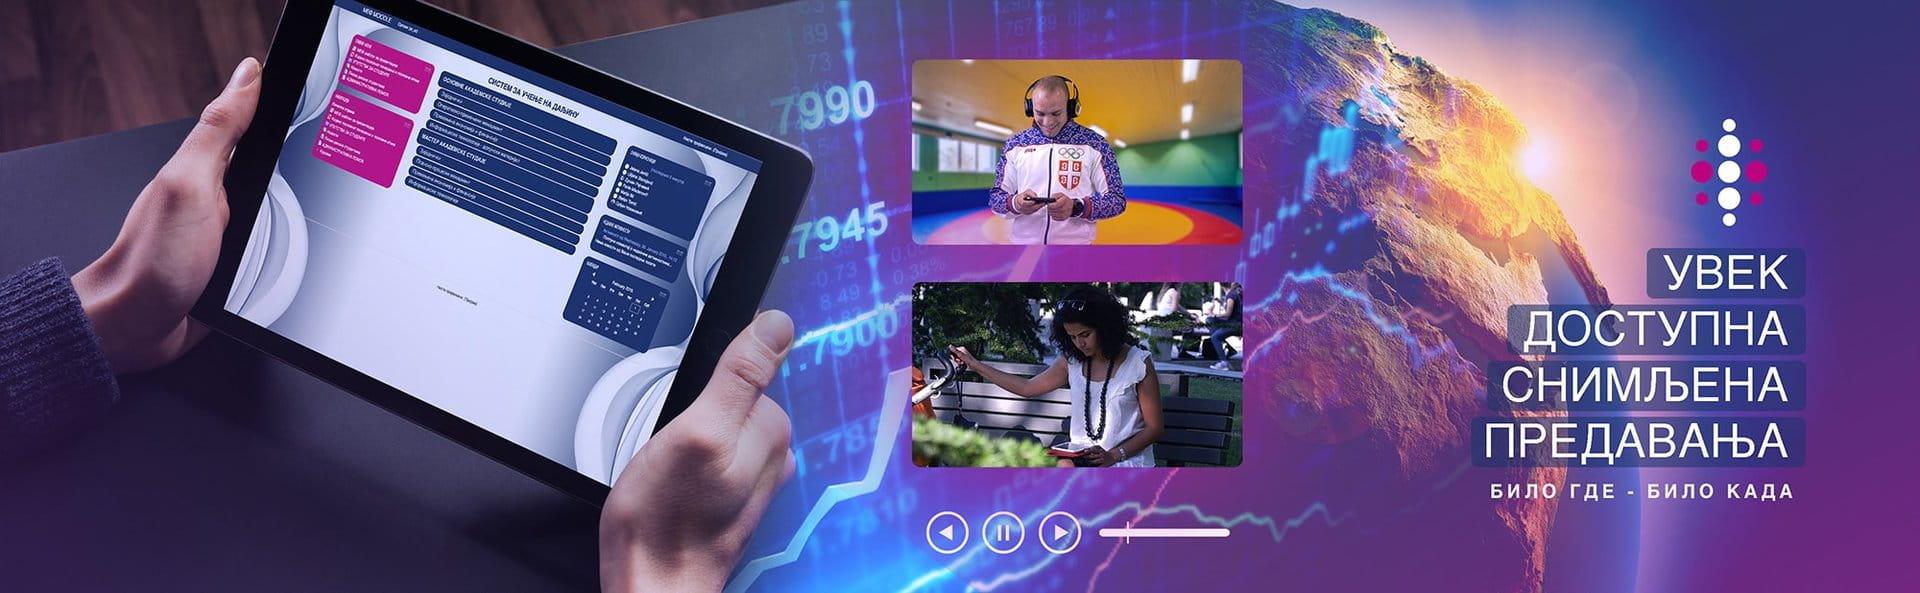 МЕФ факултет - Факултет за 21. век - DLS - Студије на даљину - Slideshow